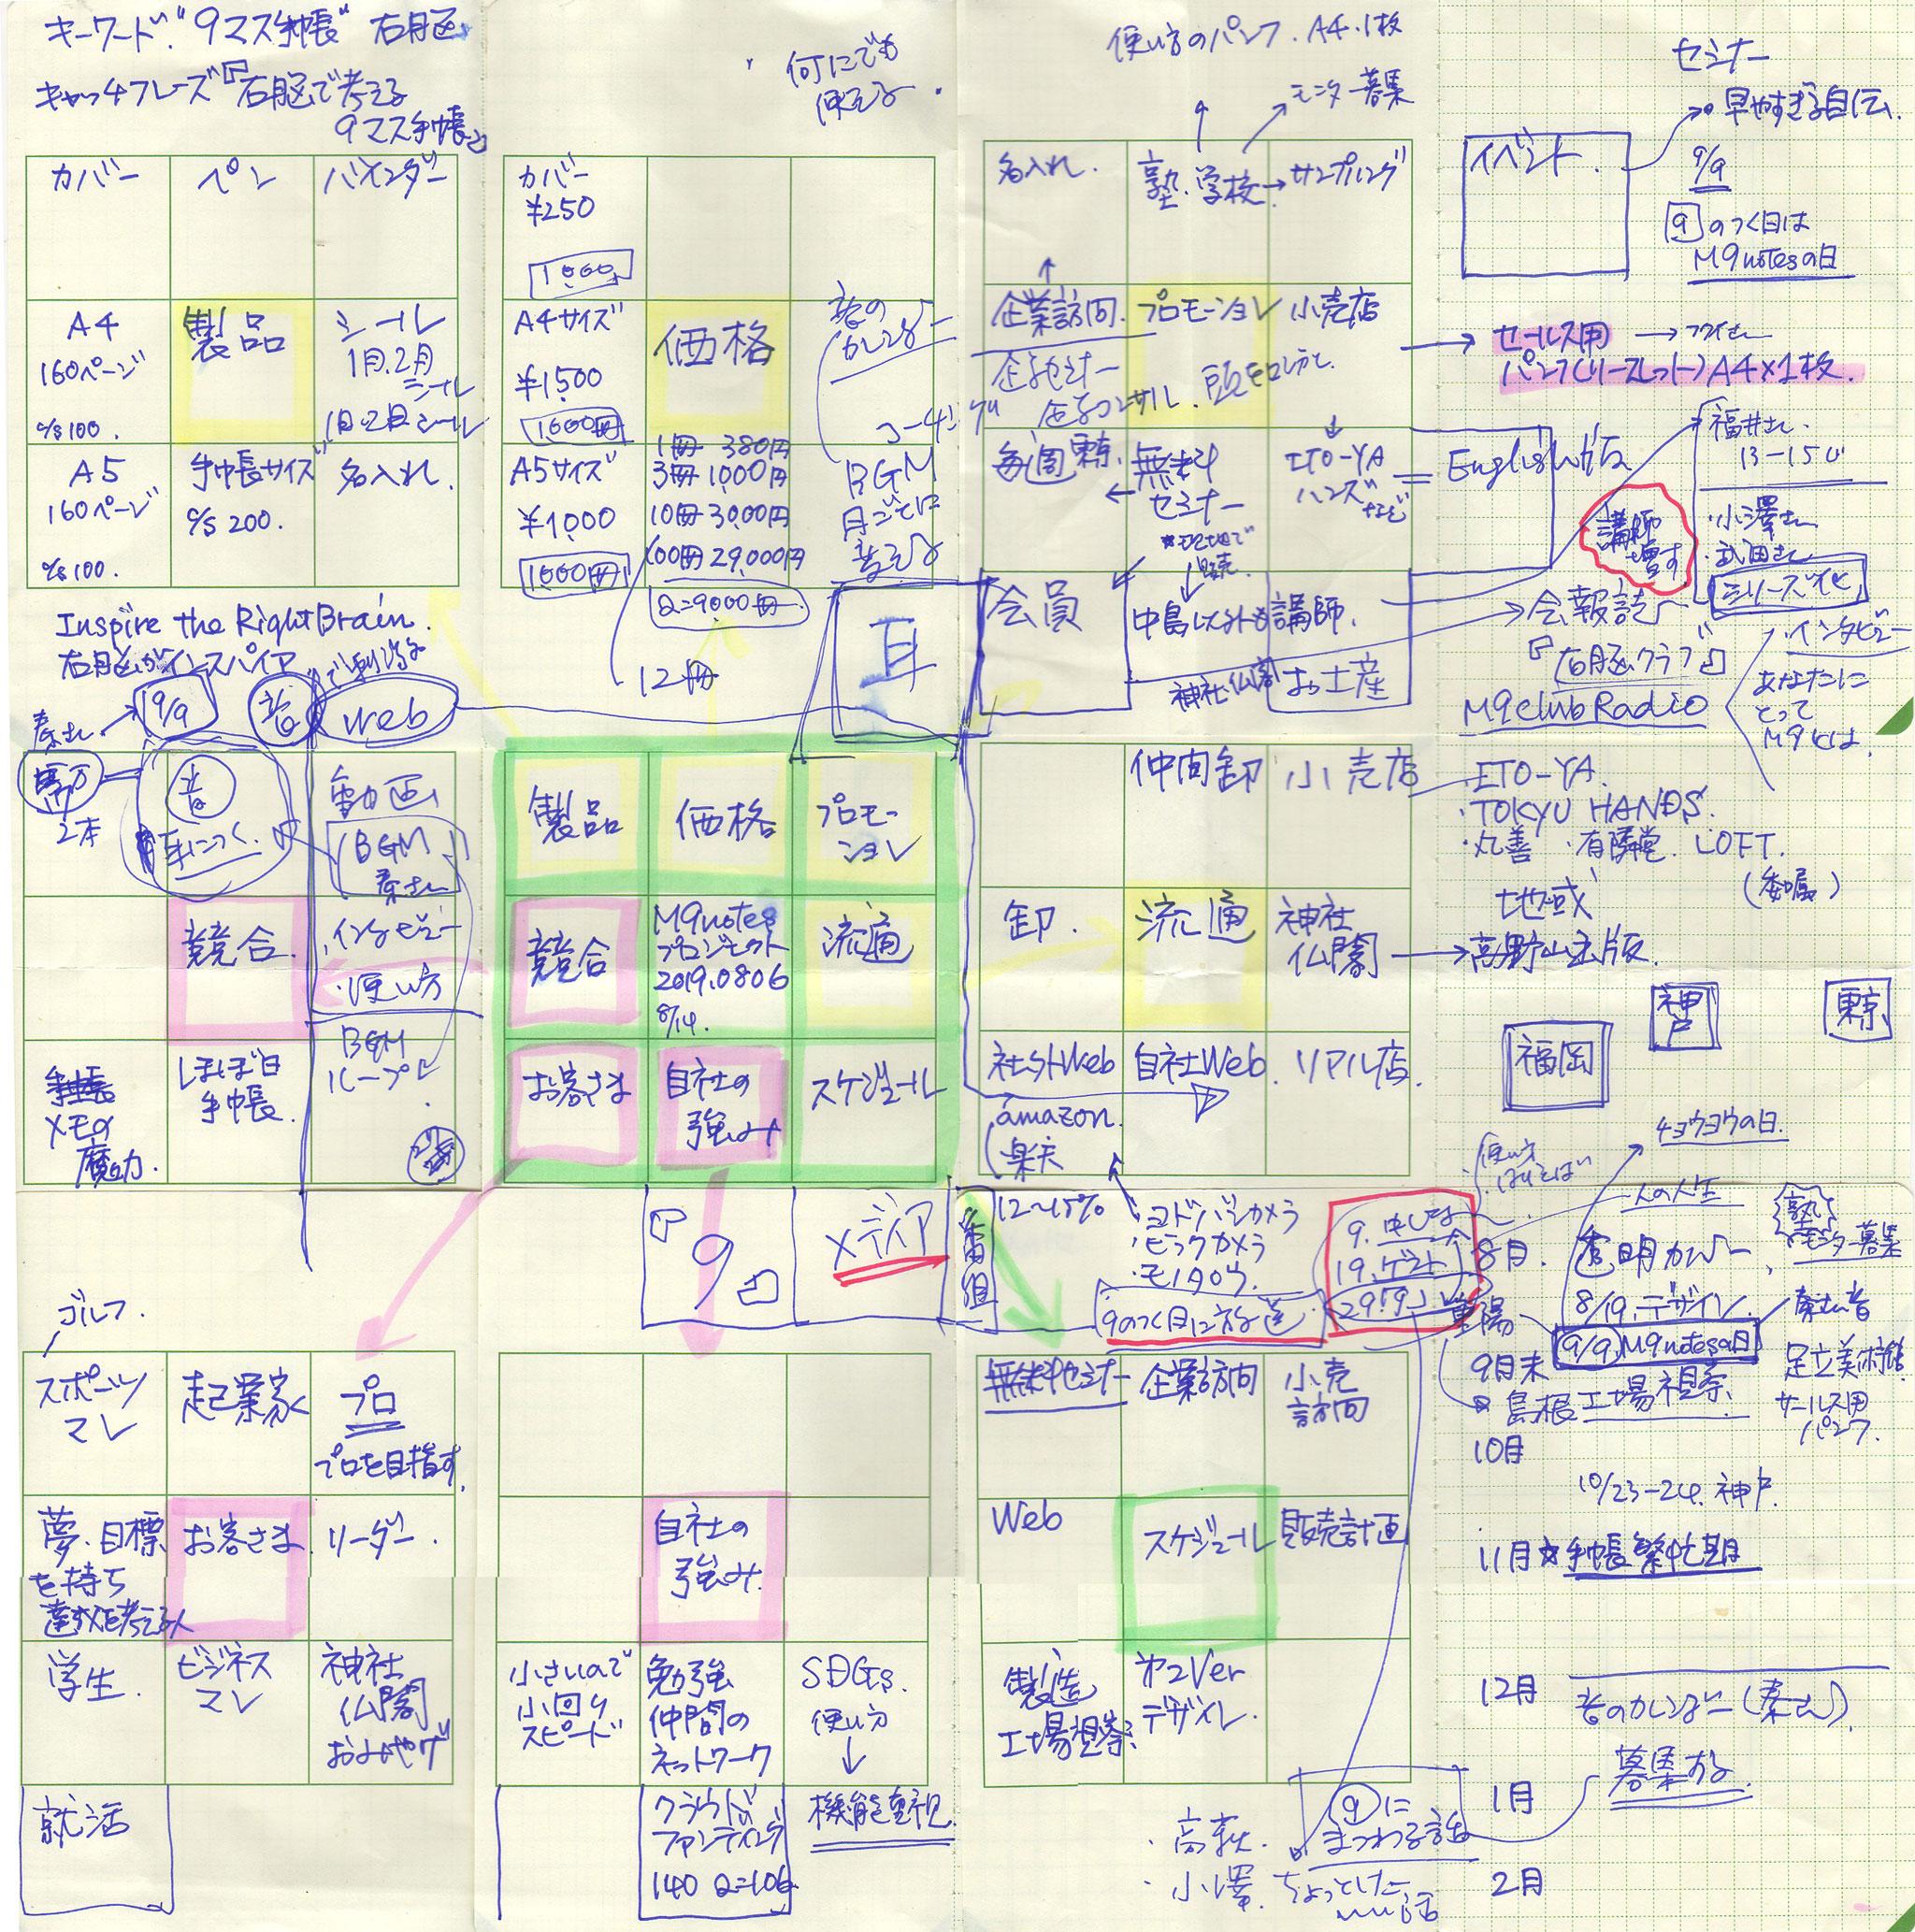 中島正雄事例:M9notesプロジェクトを考える